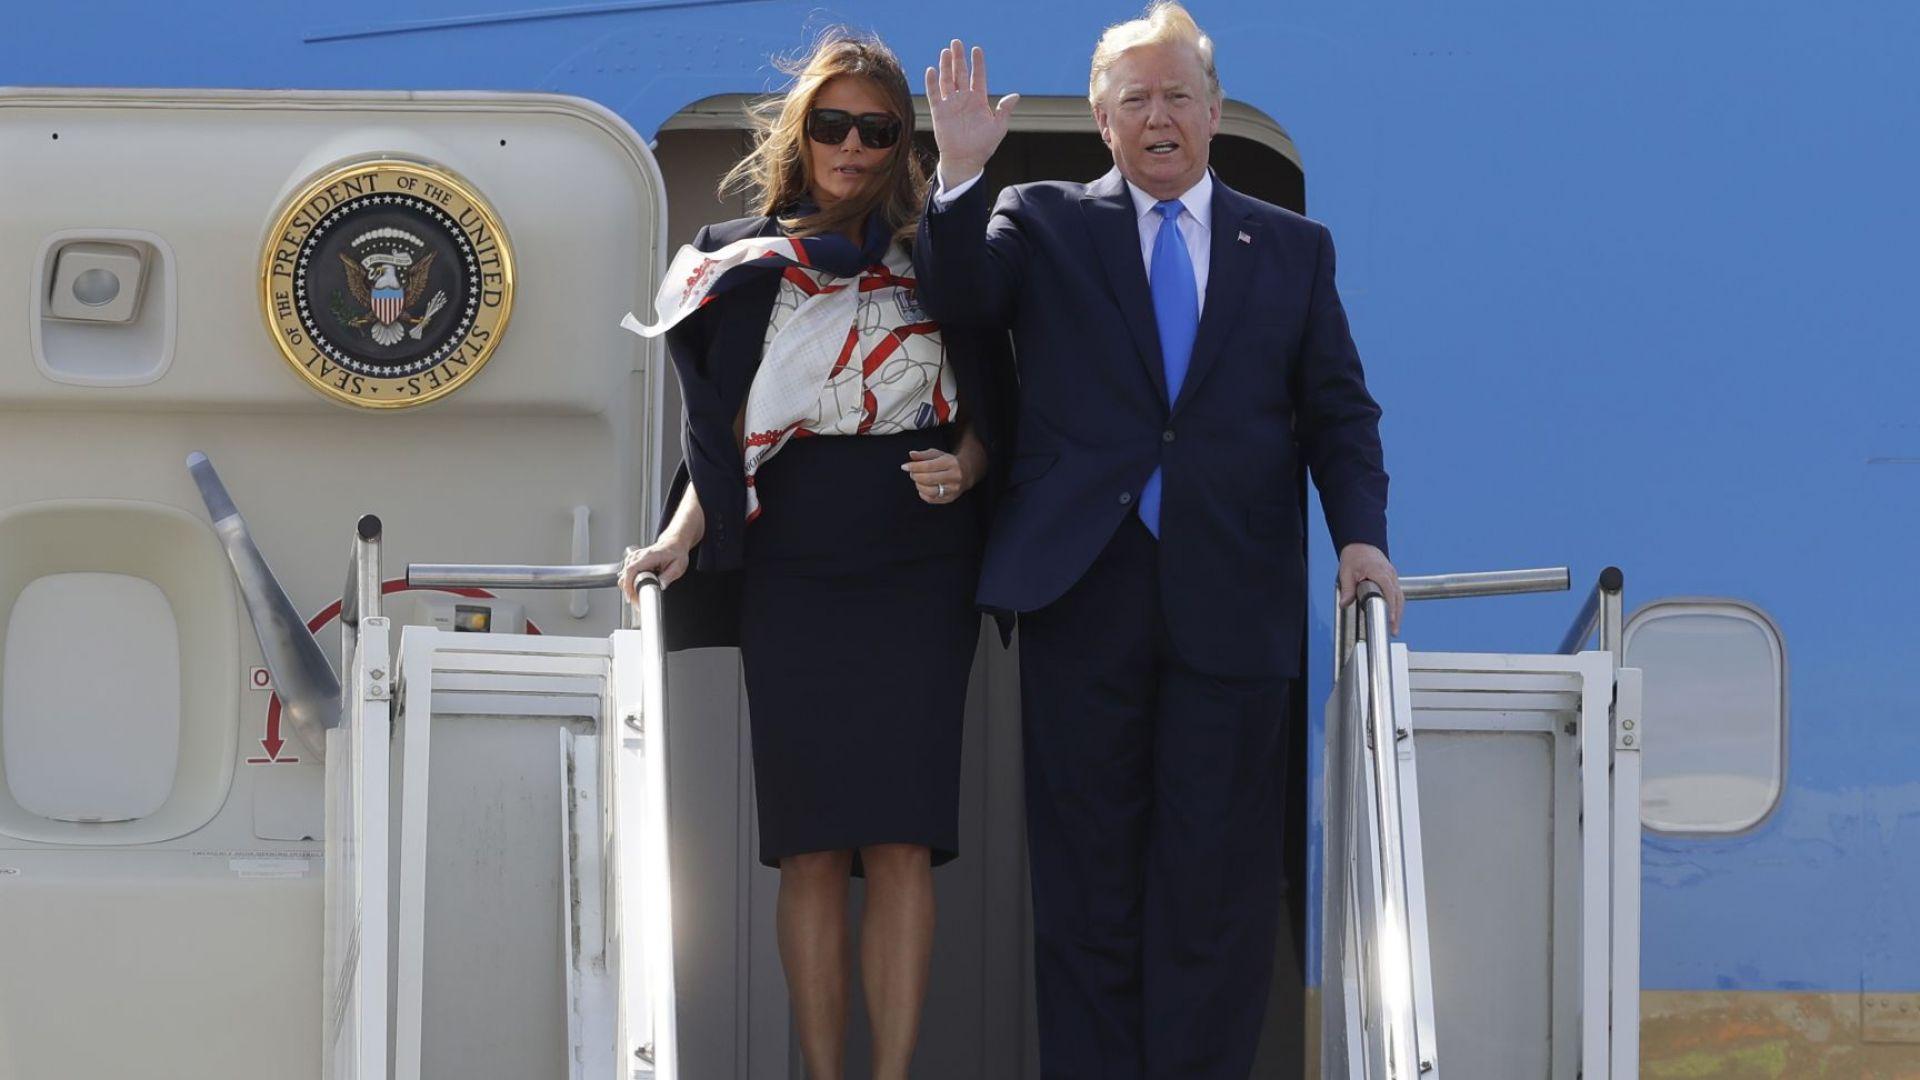 Тръмп и Мелания пристигнаха с Air Force 1 във Великобритания (снимки)